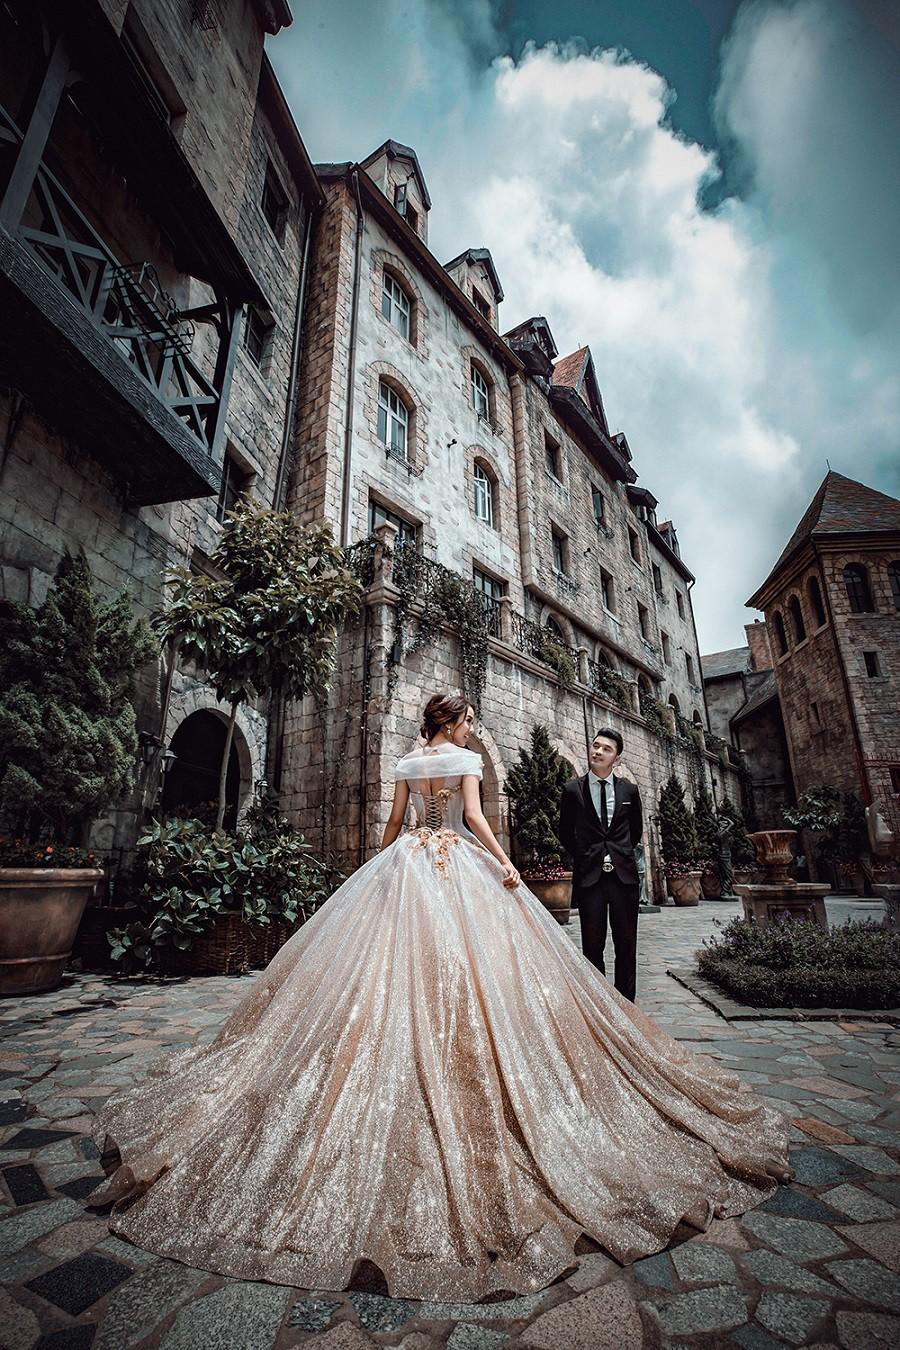 Ưng Hoàng Phúc khoá môi bà xã Kim Cương ngọt ngào trong bộ ảnh cưới, đã ấn định ngày cử hành hôn lễ - Ảnh 11.